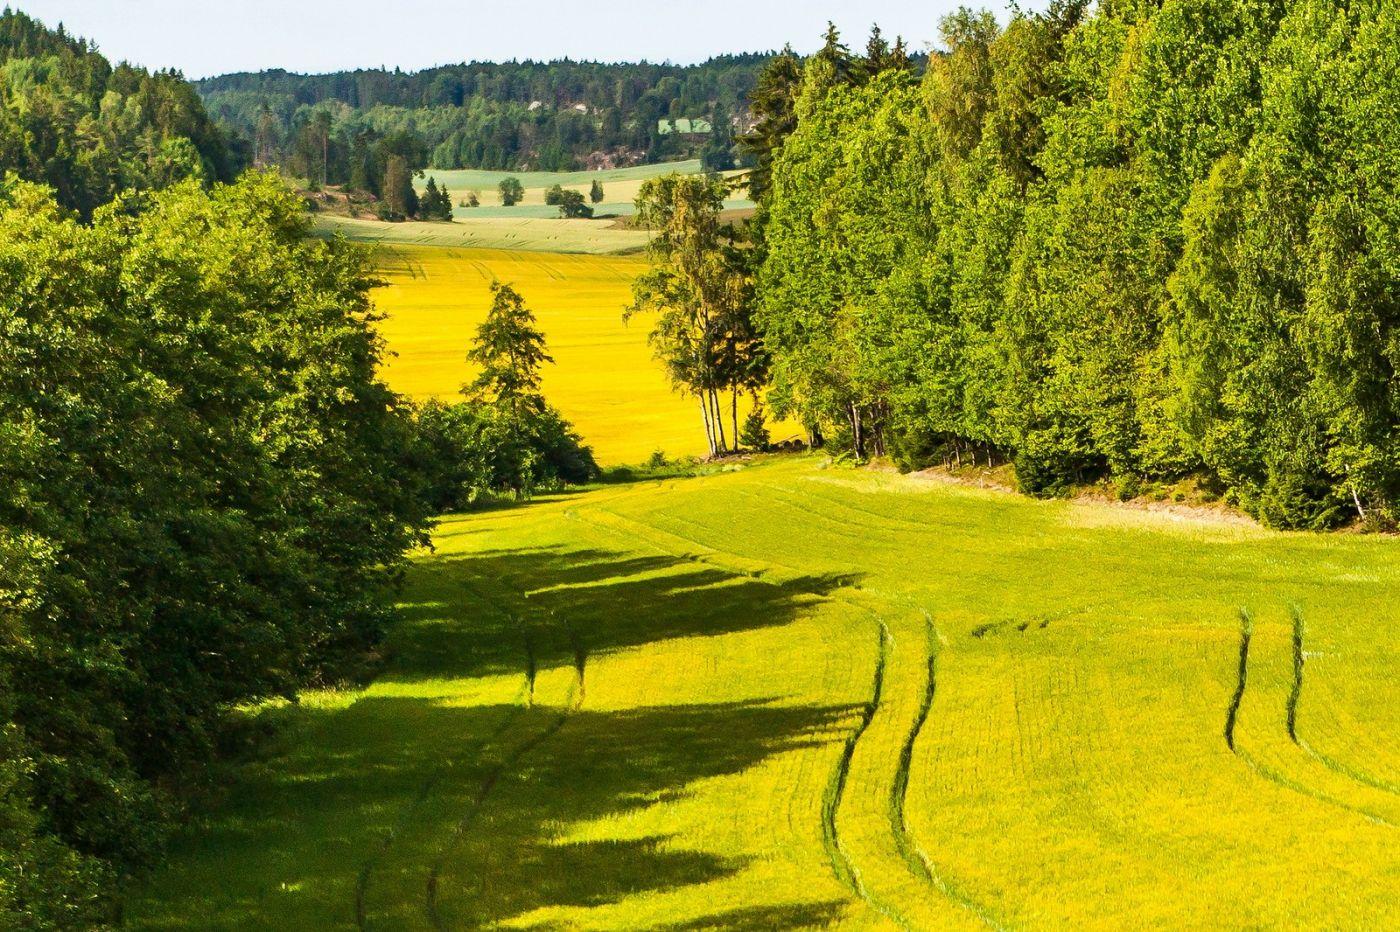 北欧风光,风景美如画_图1-37